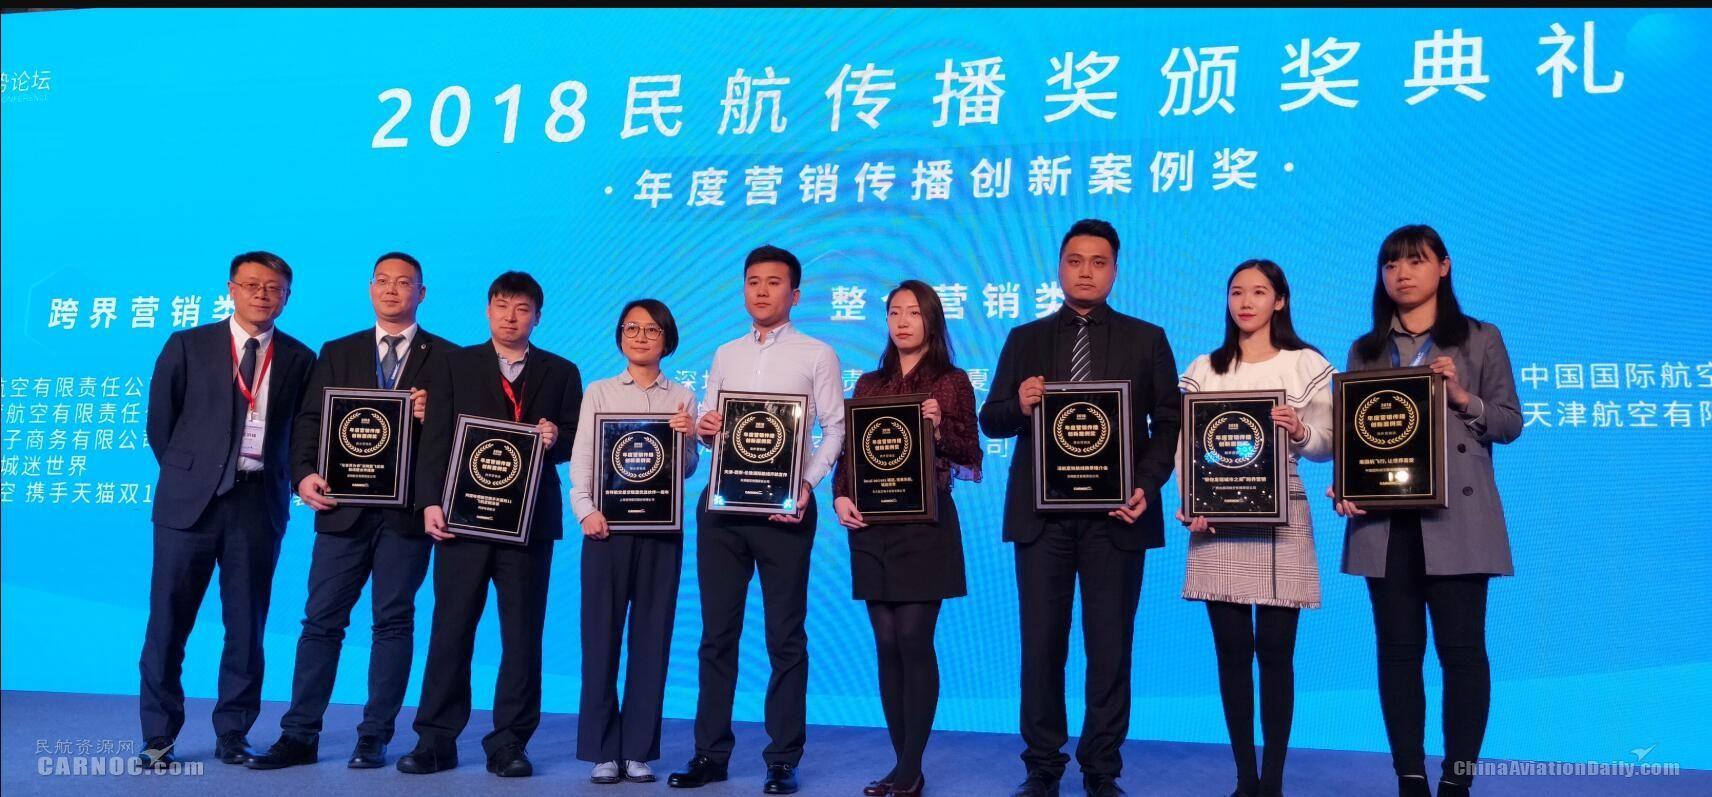 北部湾航空荣膺2018年度营销传播创新案例奖